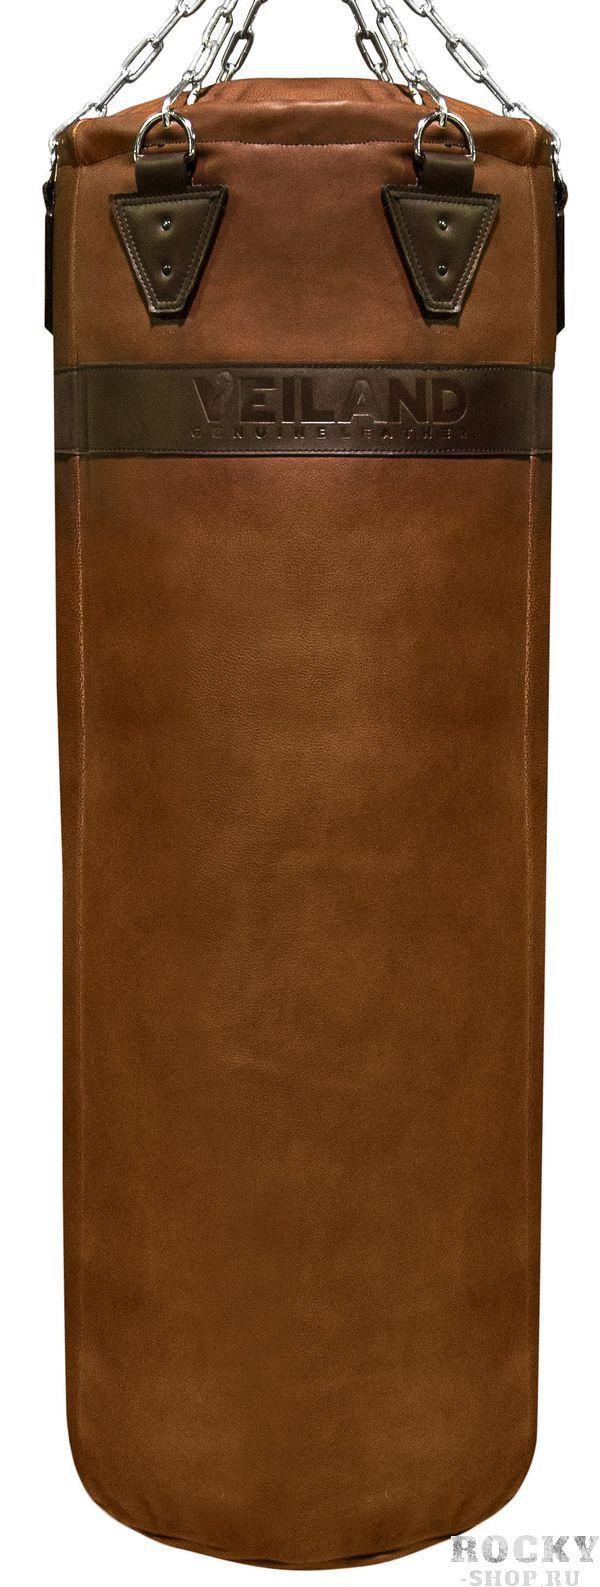 Профессиональный боксерский мешок Veiland, кожа, 180х35см, 65кг Veiland